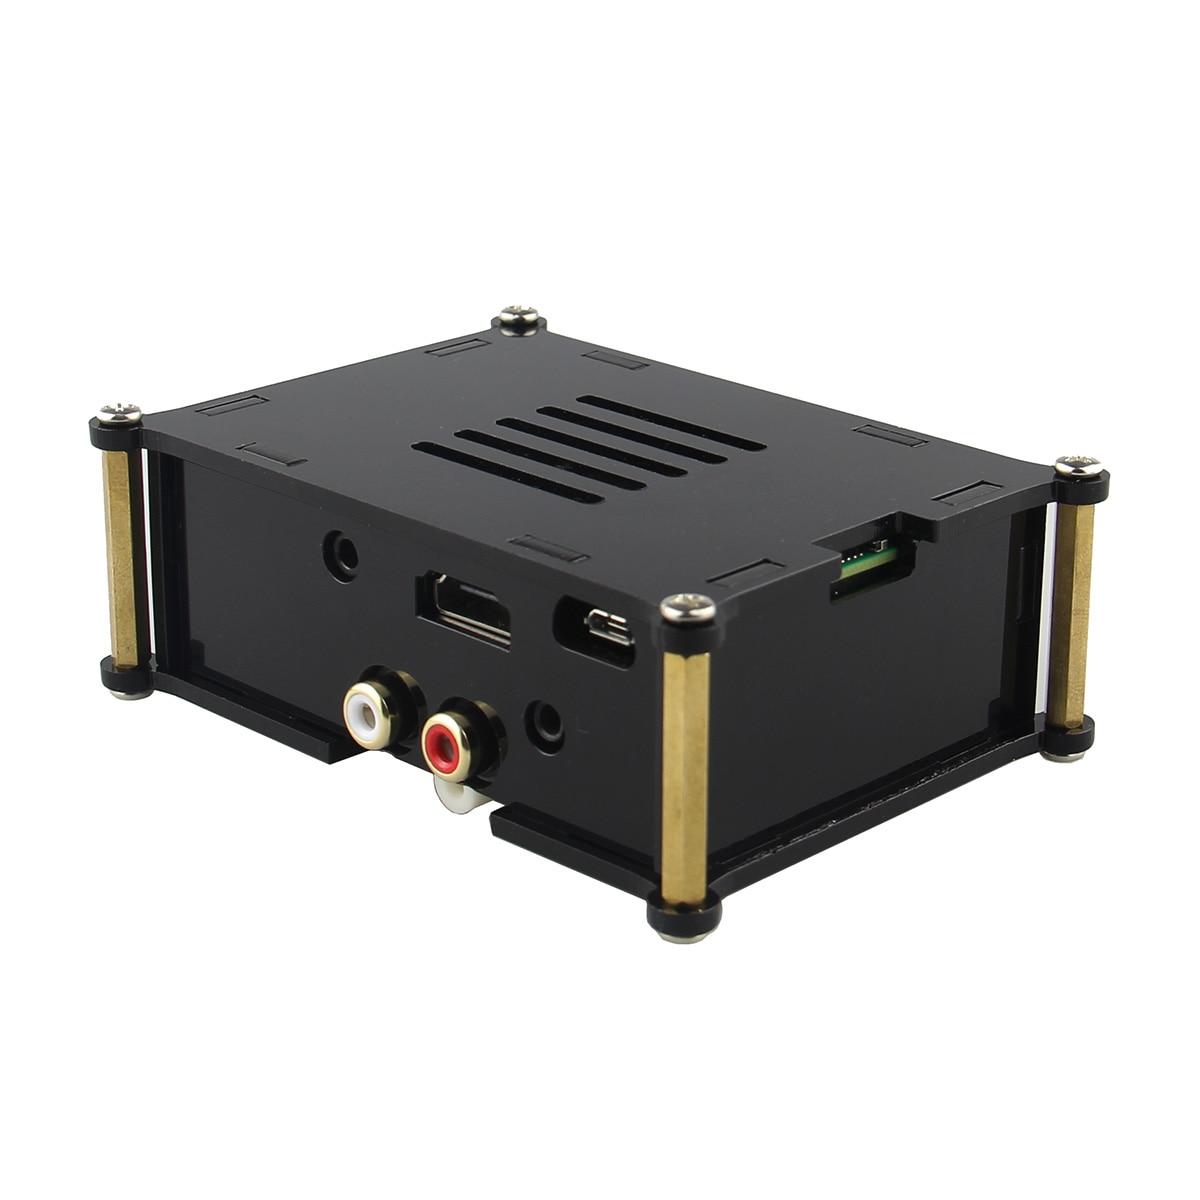 Leory PiFi HIFI numérique Audio carte DAC carte Pin board avec boitier système Volumio pour Raspberry Pi 2 modèle B/B +/A +